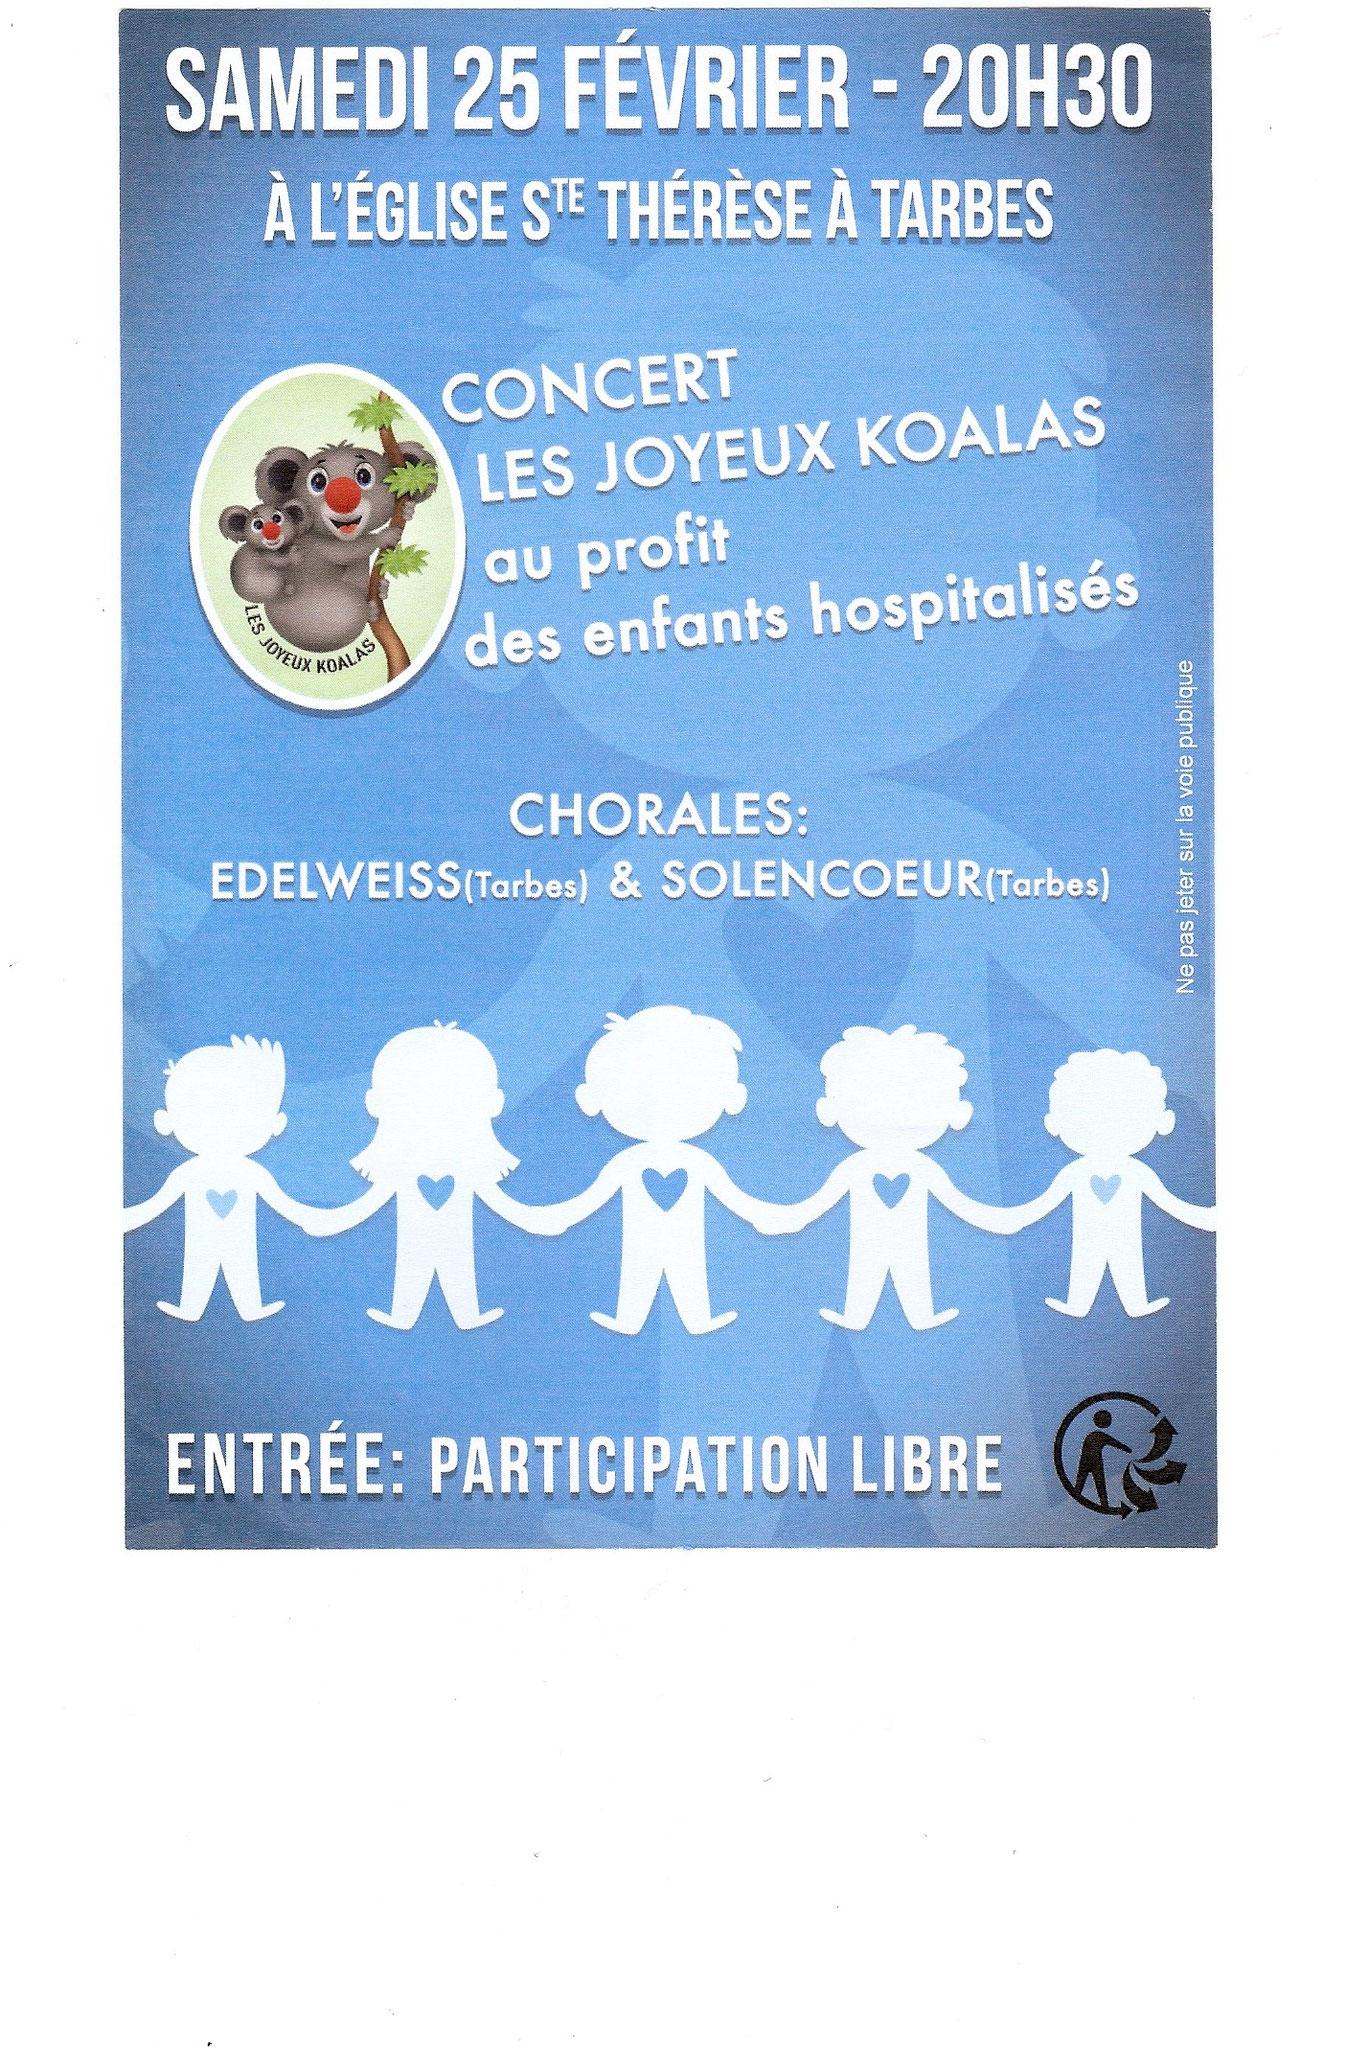 concert au profit de l'association Les Joyeux Koalas